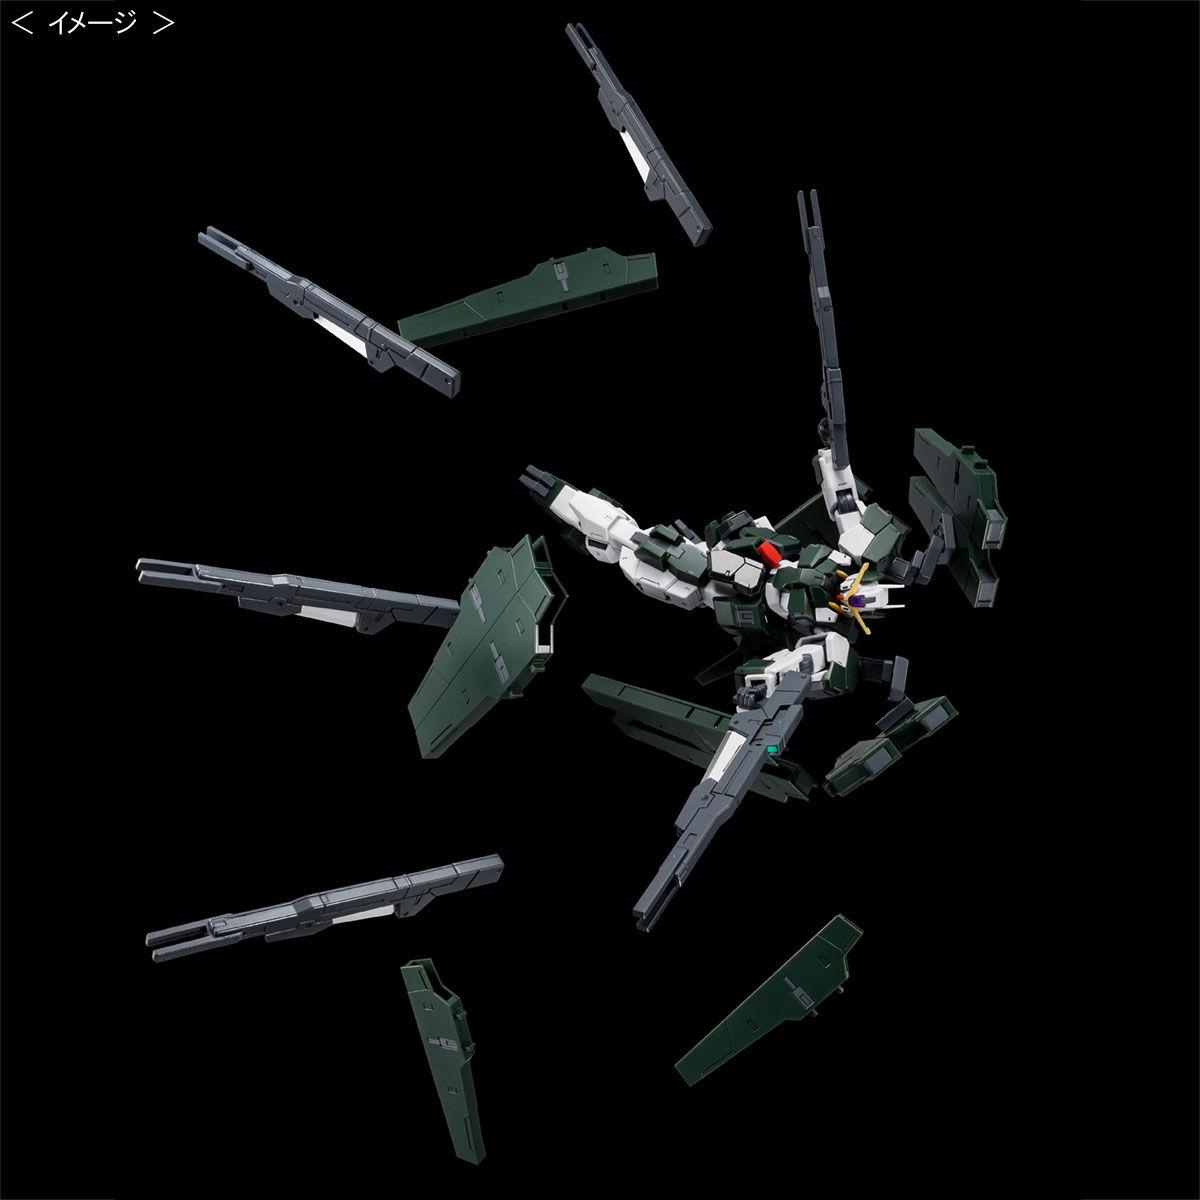 【限定販売】HG 1/144『ガンダムサバーニャ(最終決戦仕様)』ガンダム00 プラモデル-007